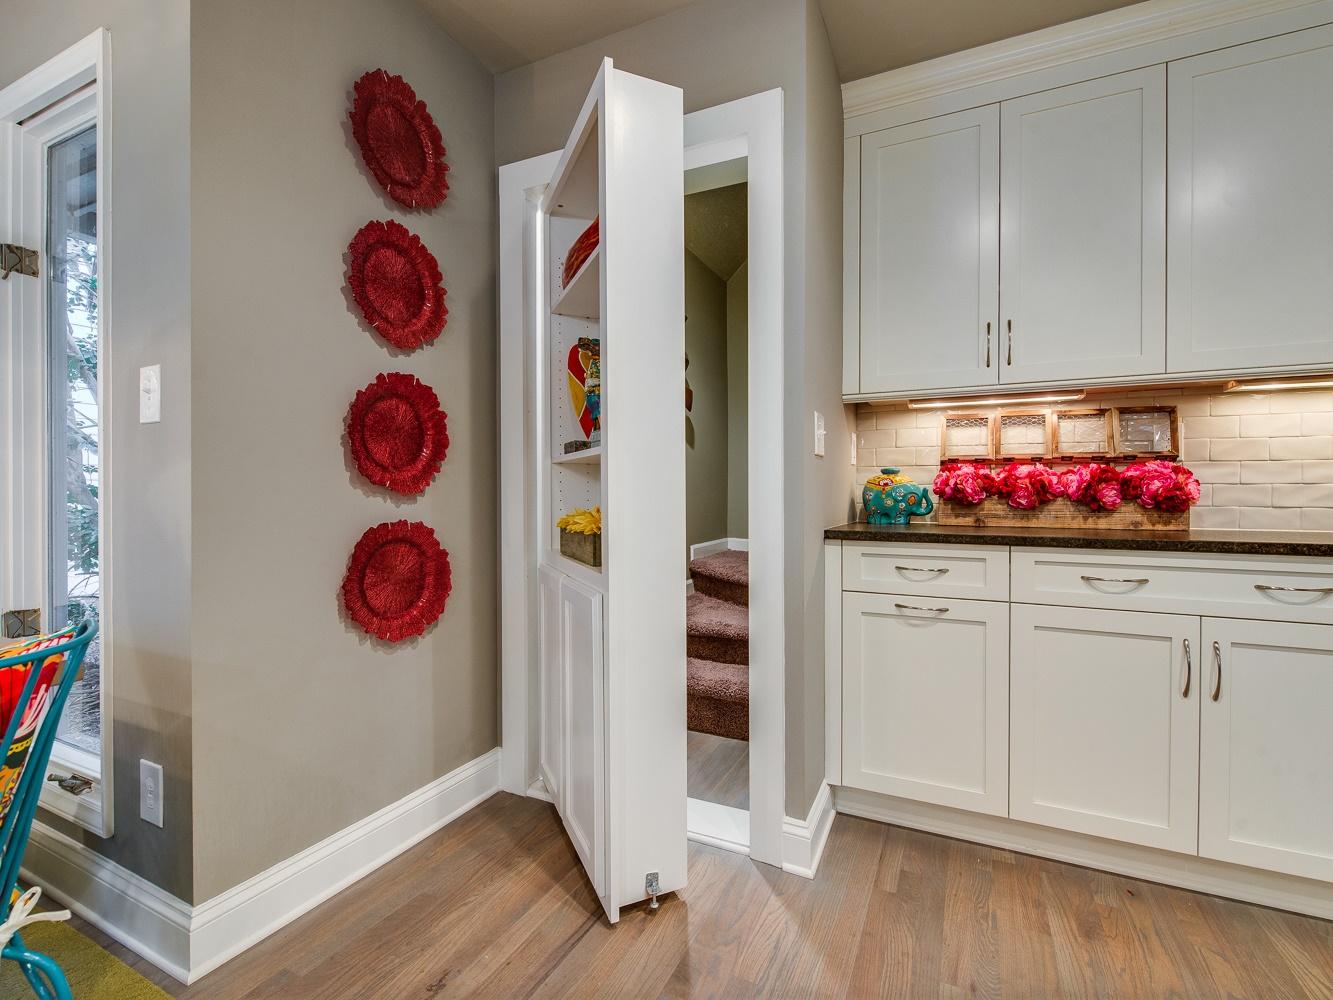 Medearis kitchen 5 (1).jpg